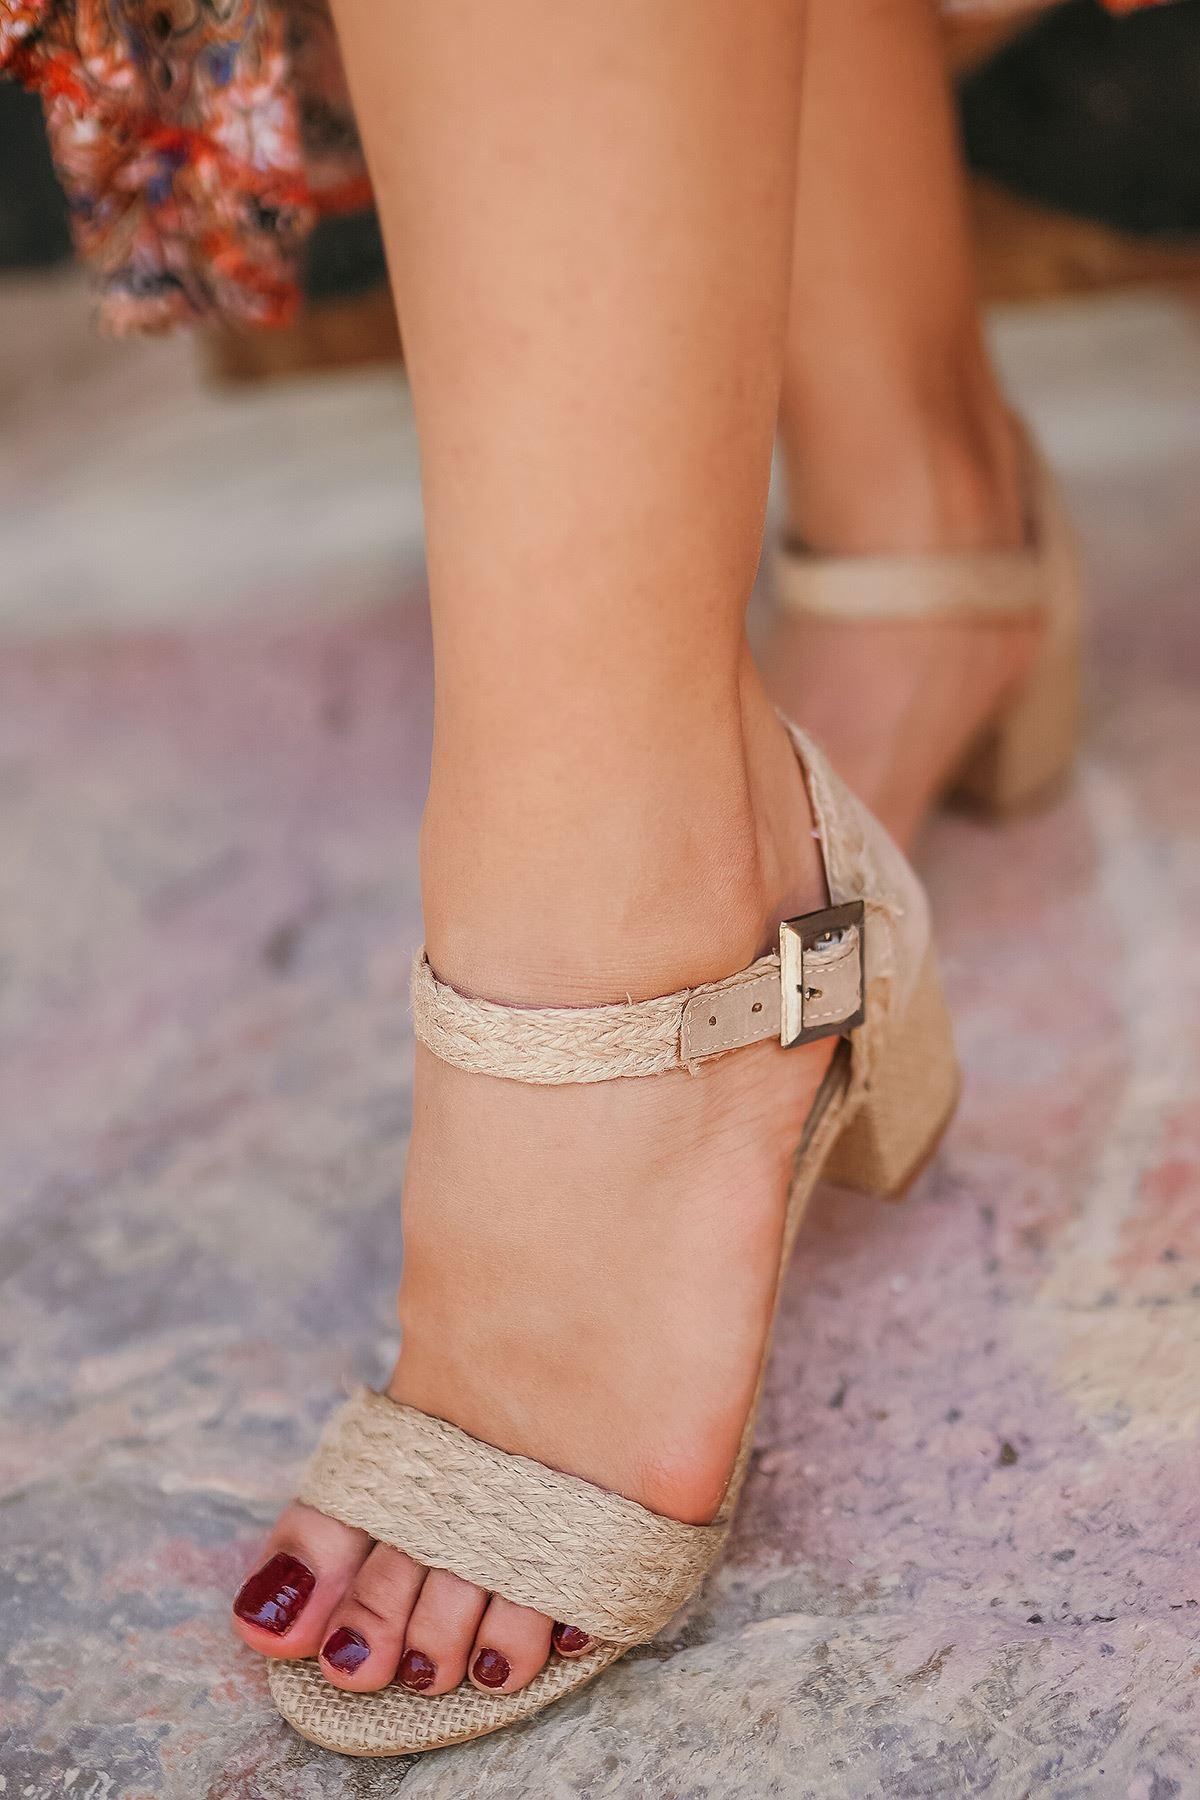 Deborah Hasır Topuklu Kadın Ayakkabı